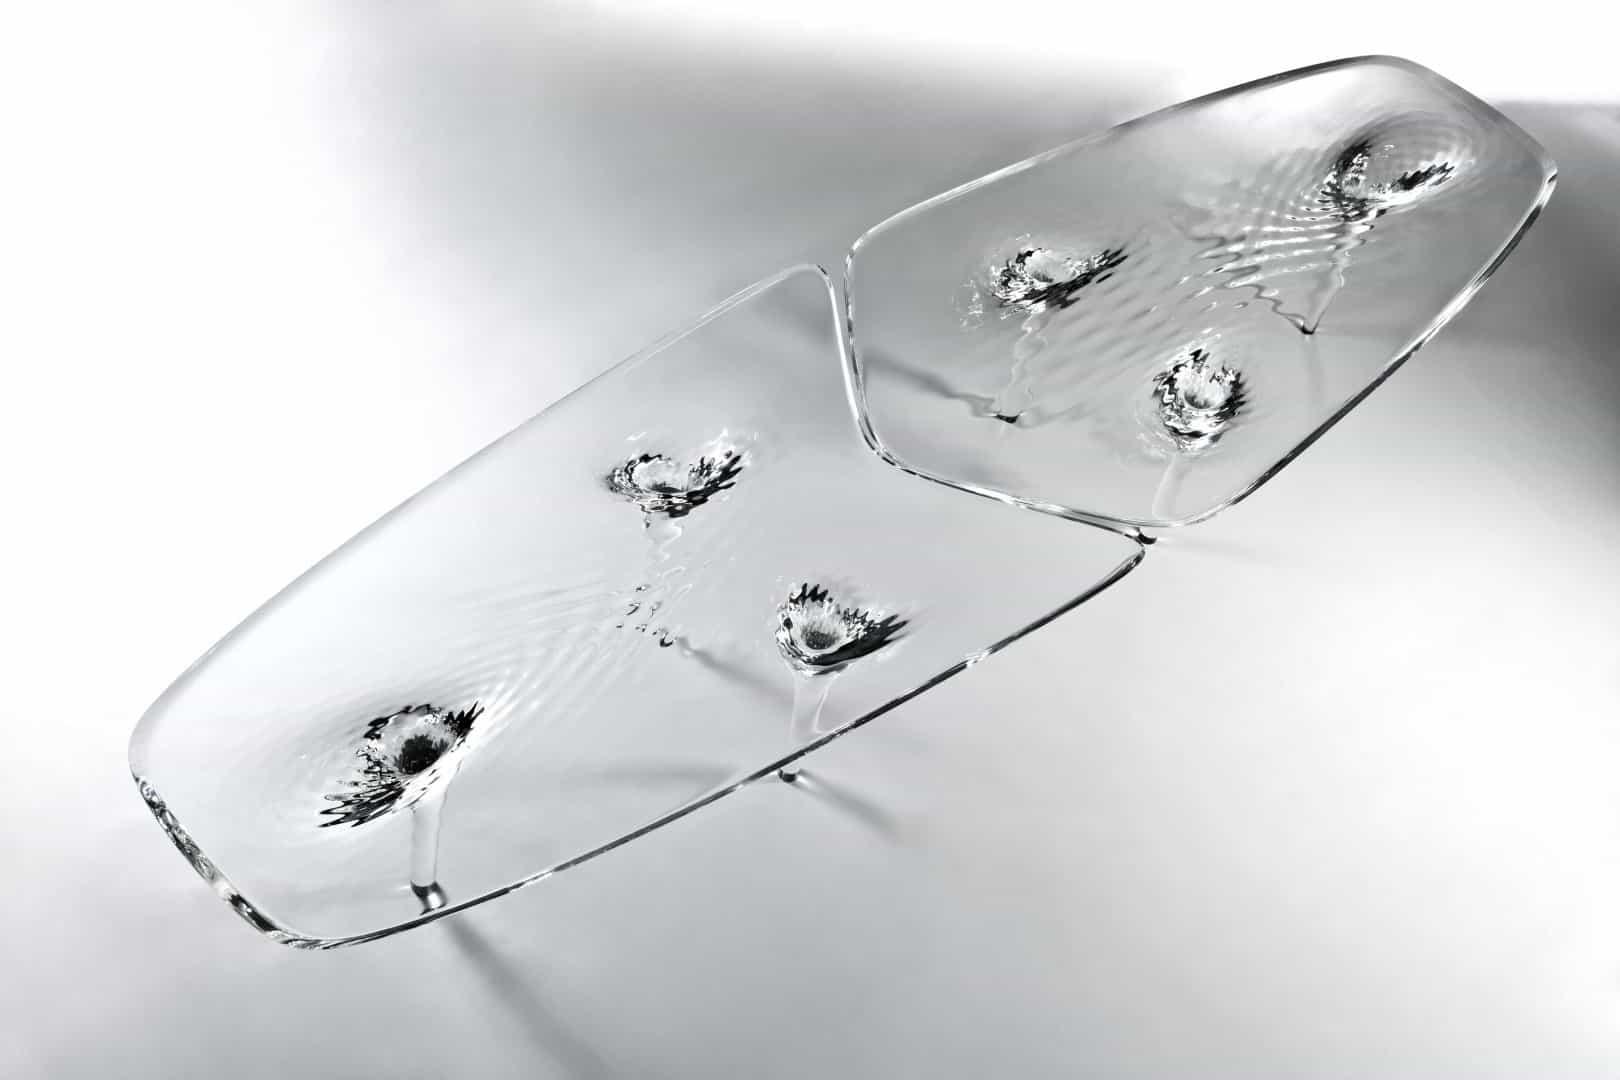 Zaha Hadid Product Design - Liquid Glacial Table - photobyjacopospilimbergo_0183